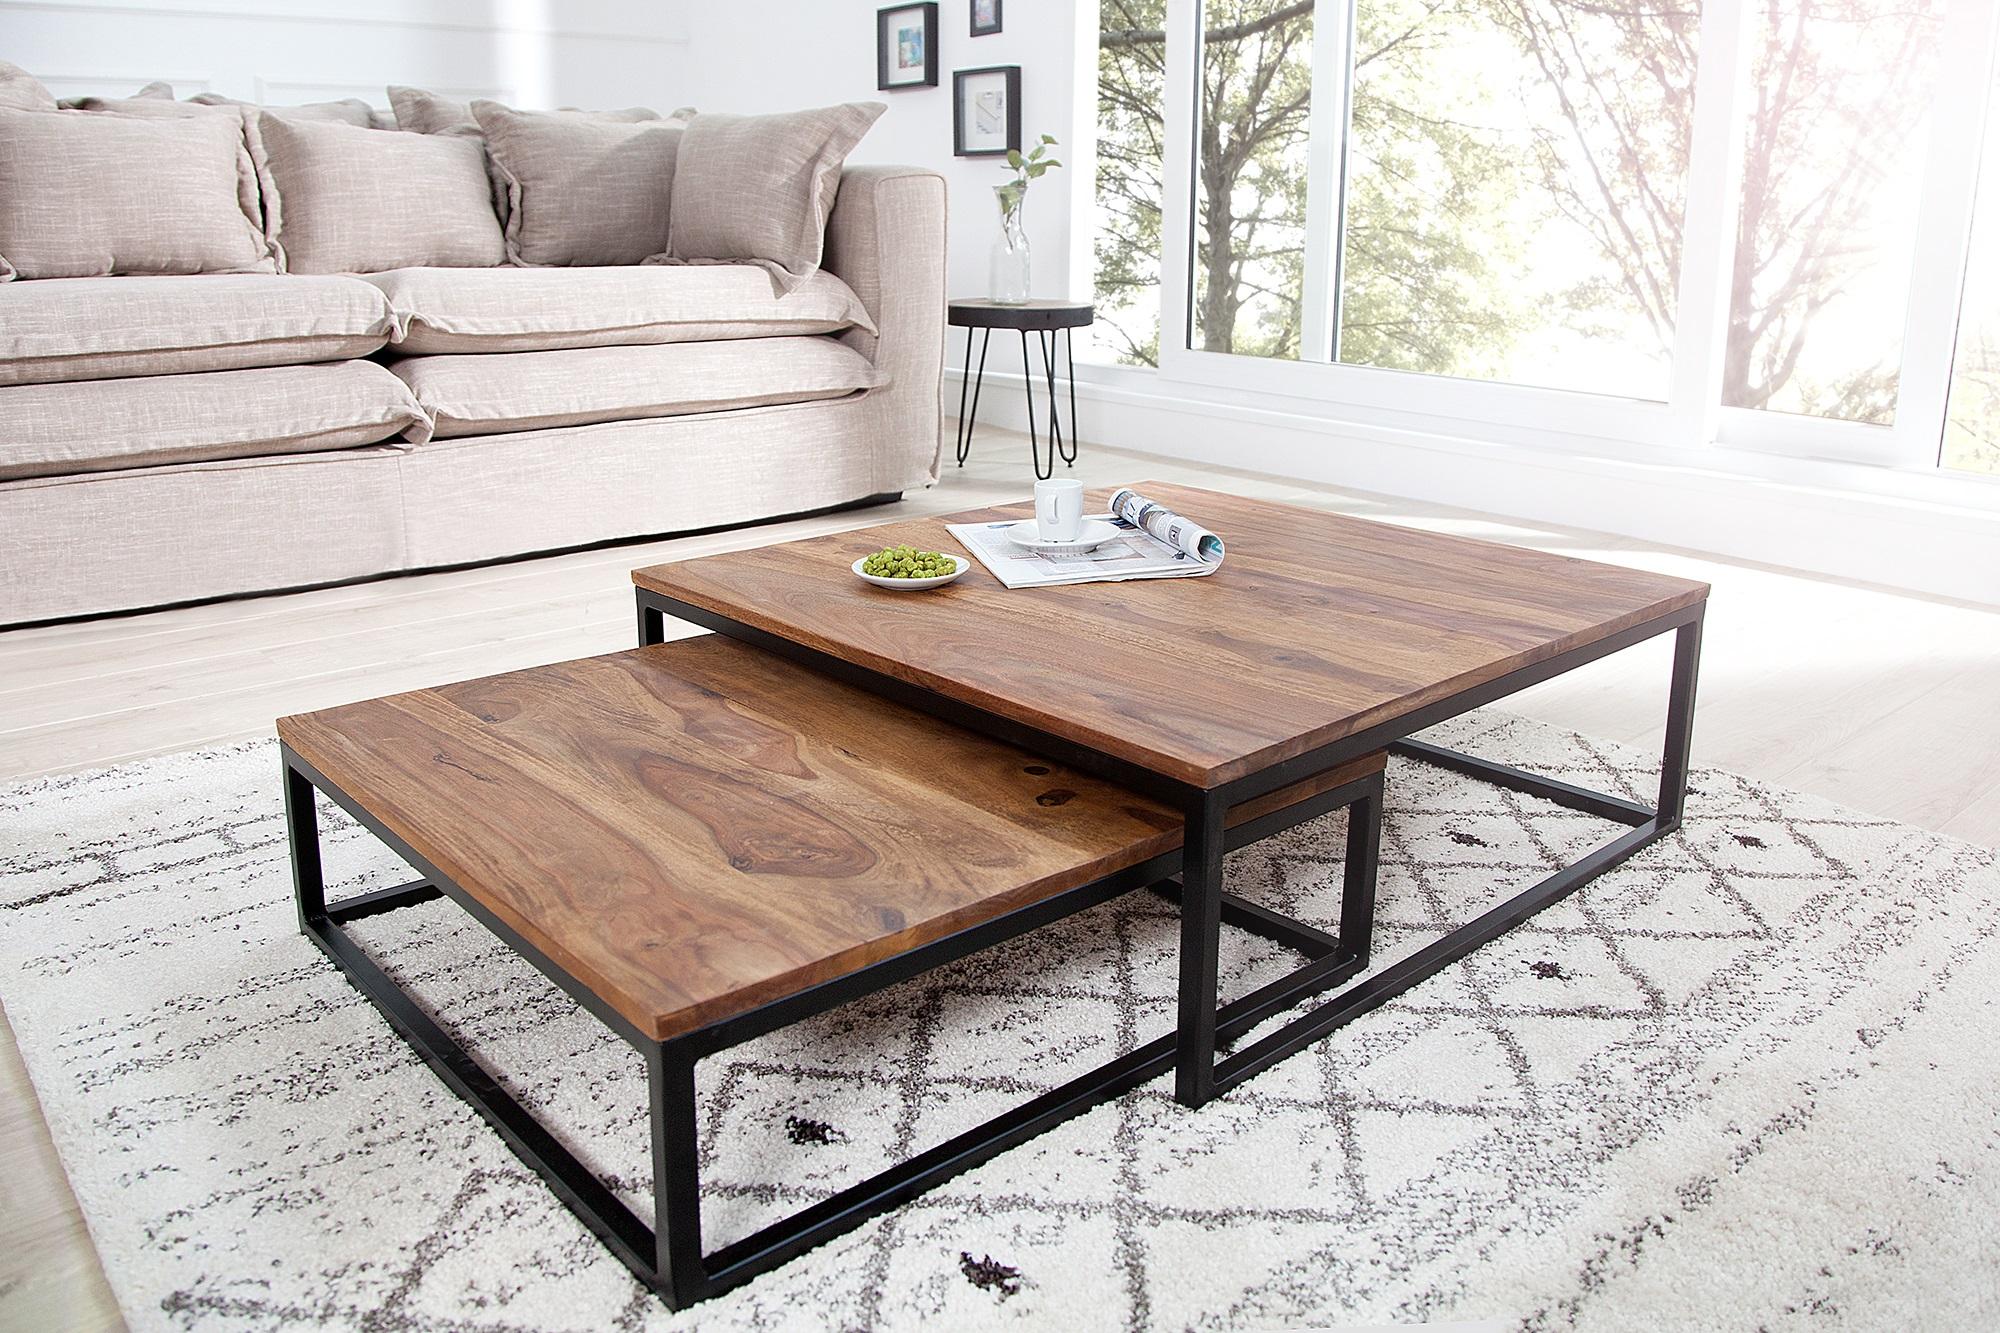 Geliefde Moderne salontafel set sheesham hout | Aktie Wonen.nl @LB29